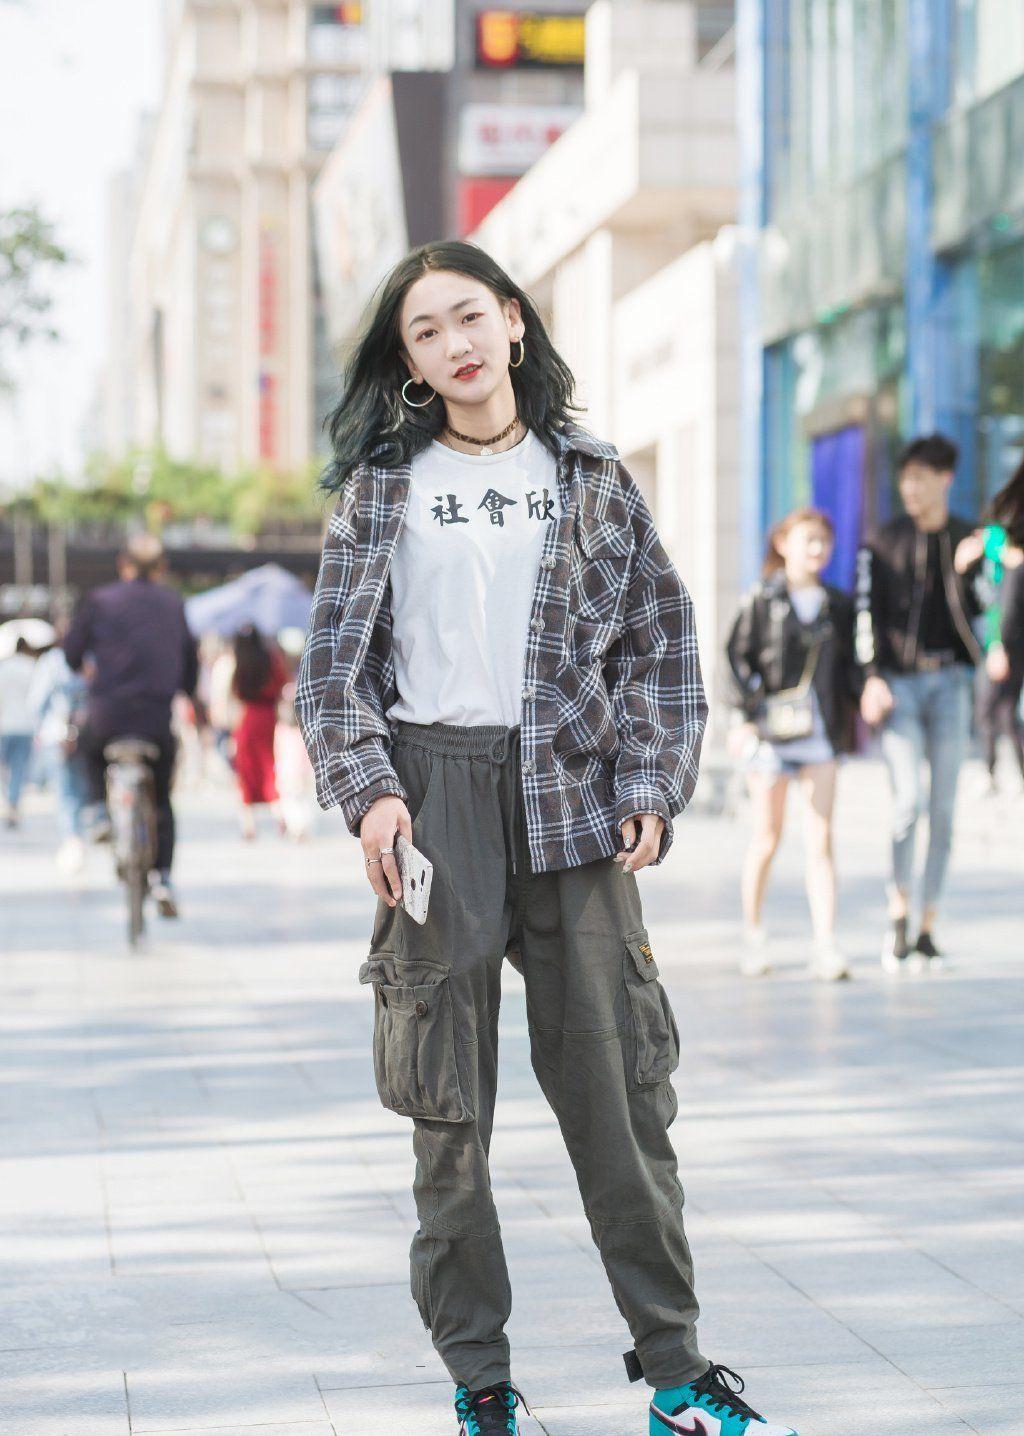 街拍:简单的纯色搭配,气质女生的钟爱风格!